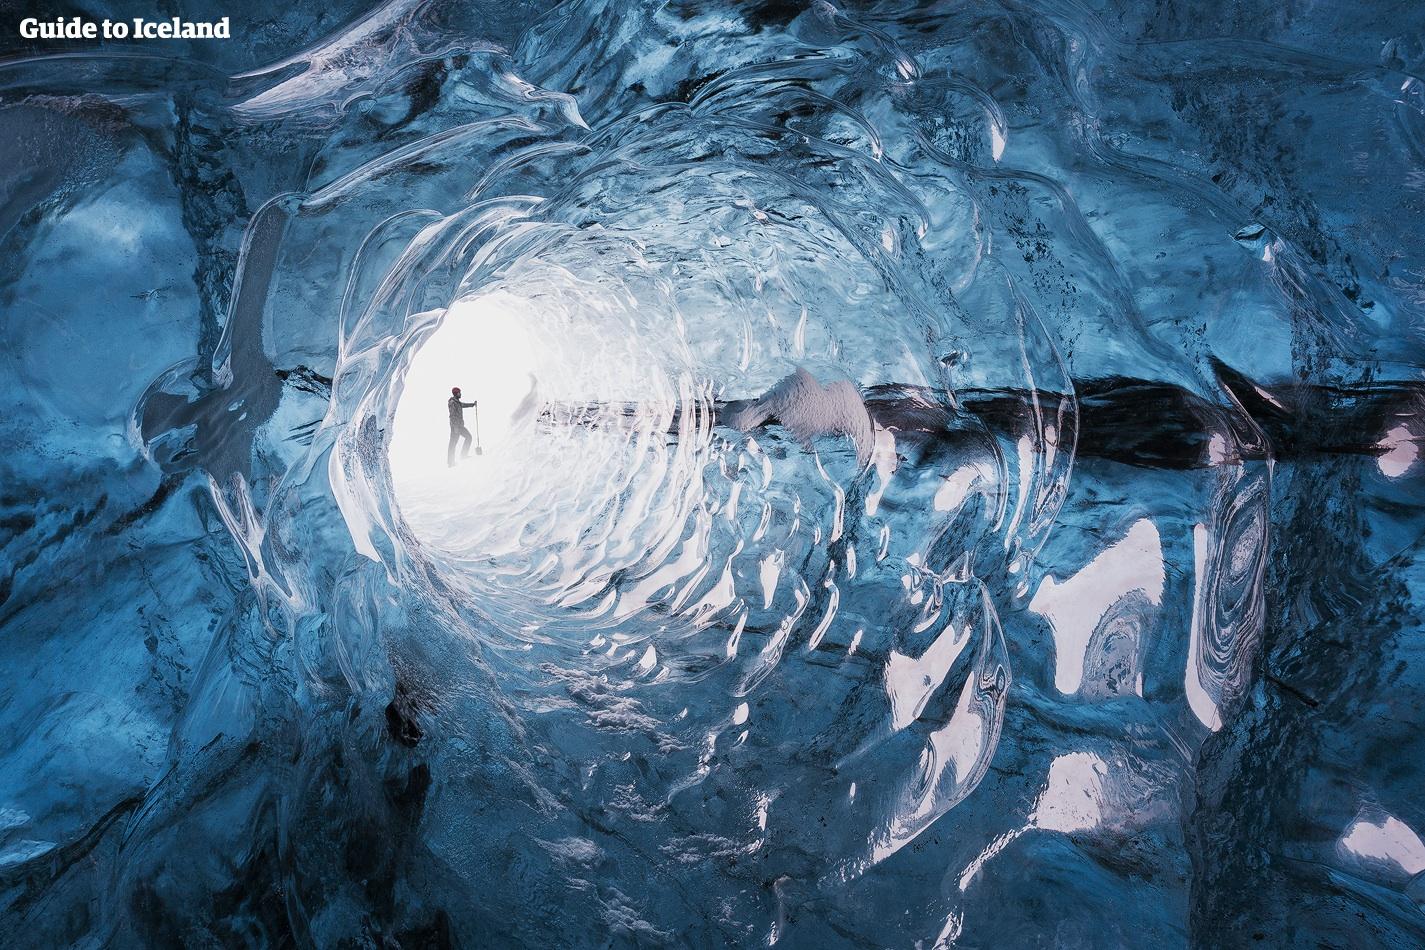 巨大な氷河の地下にできた氷のトンネル